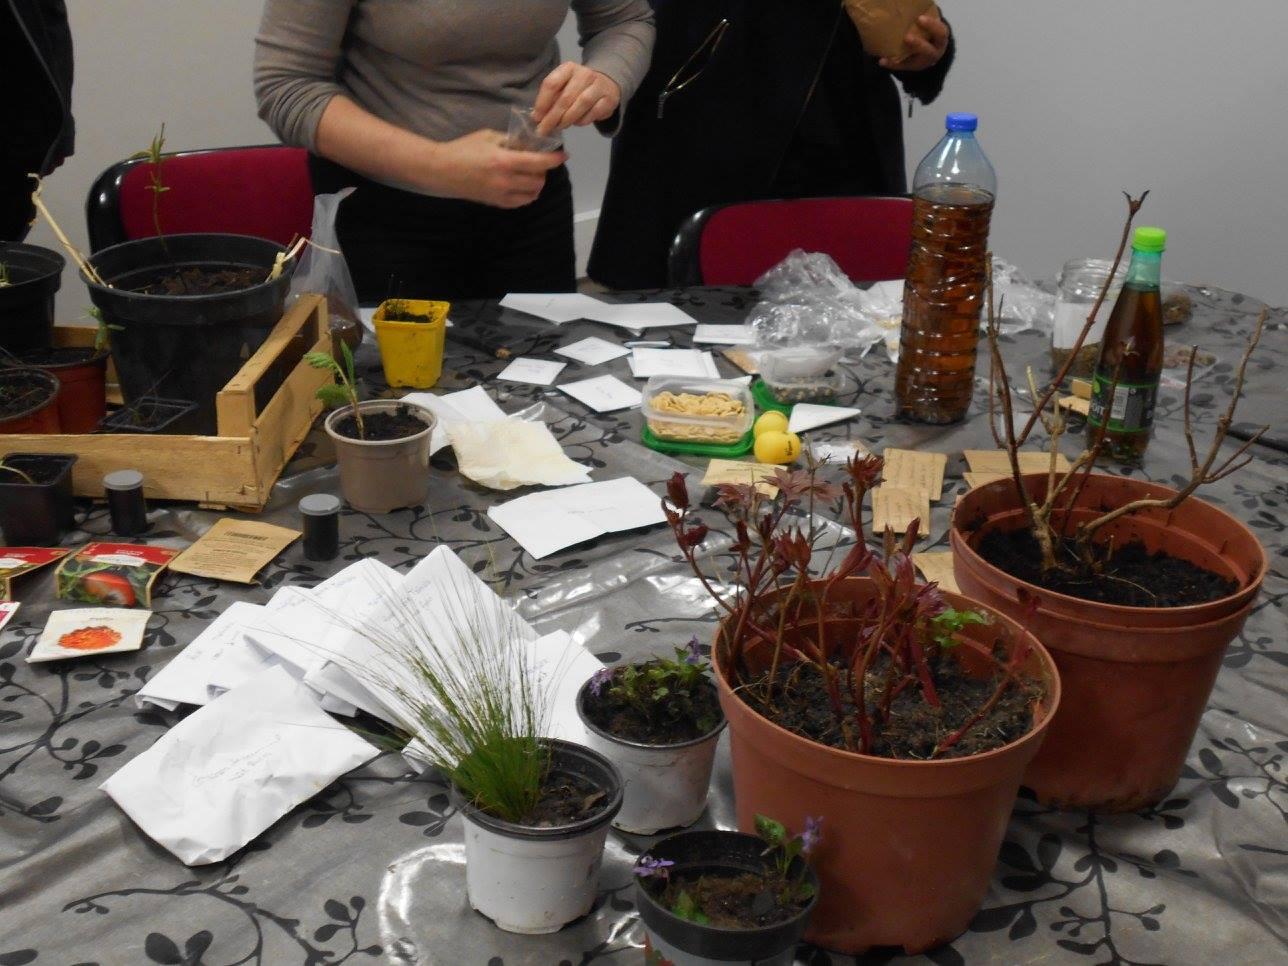 graines et plants sur une table